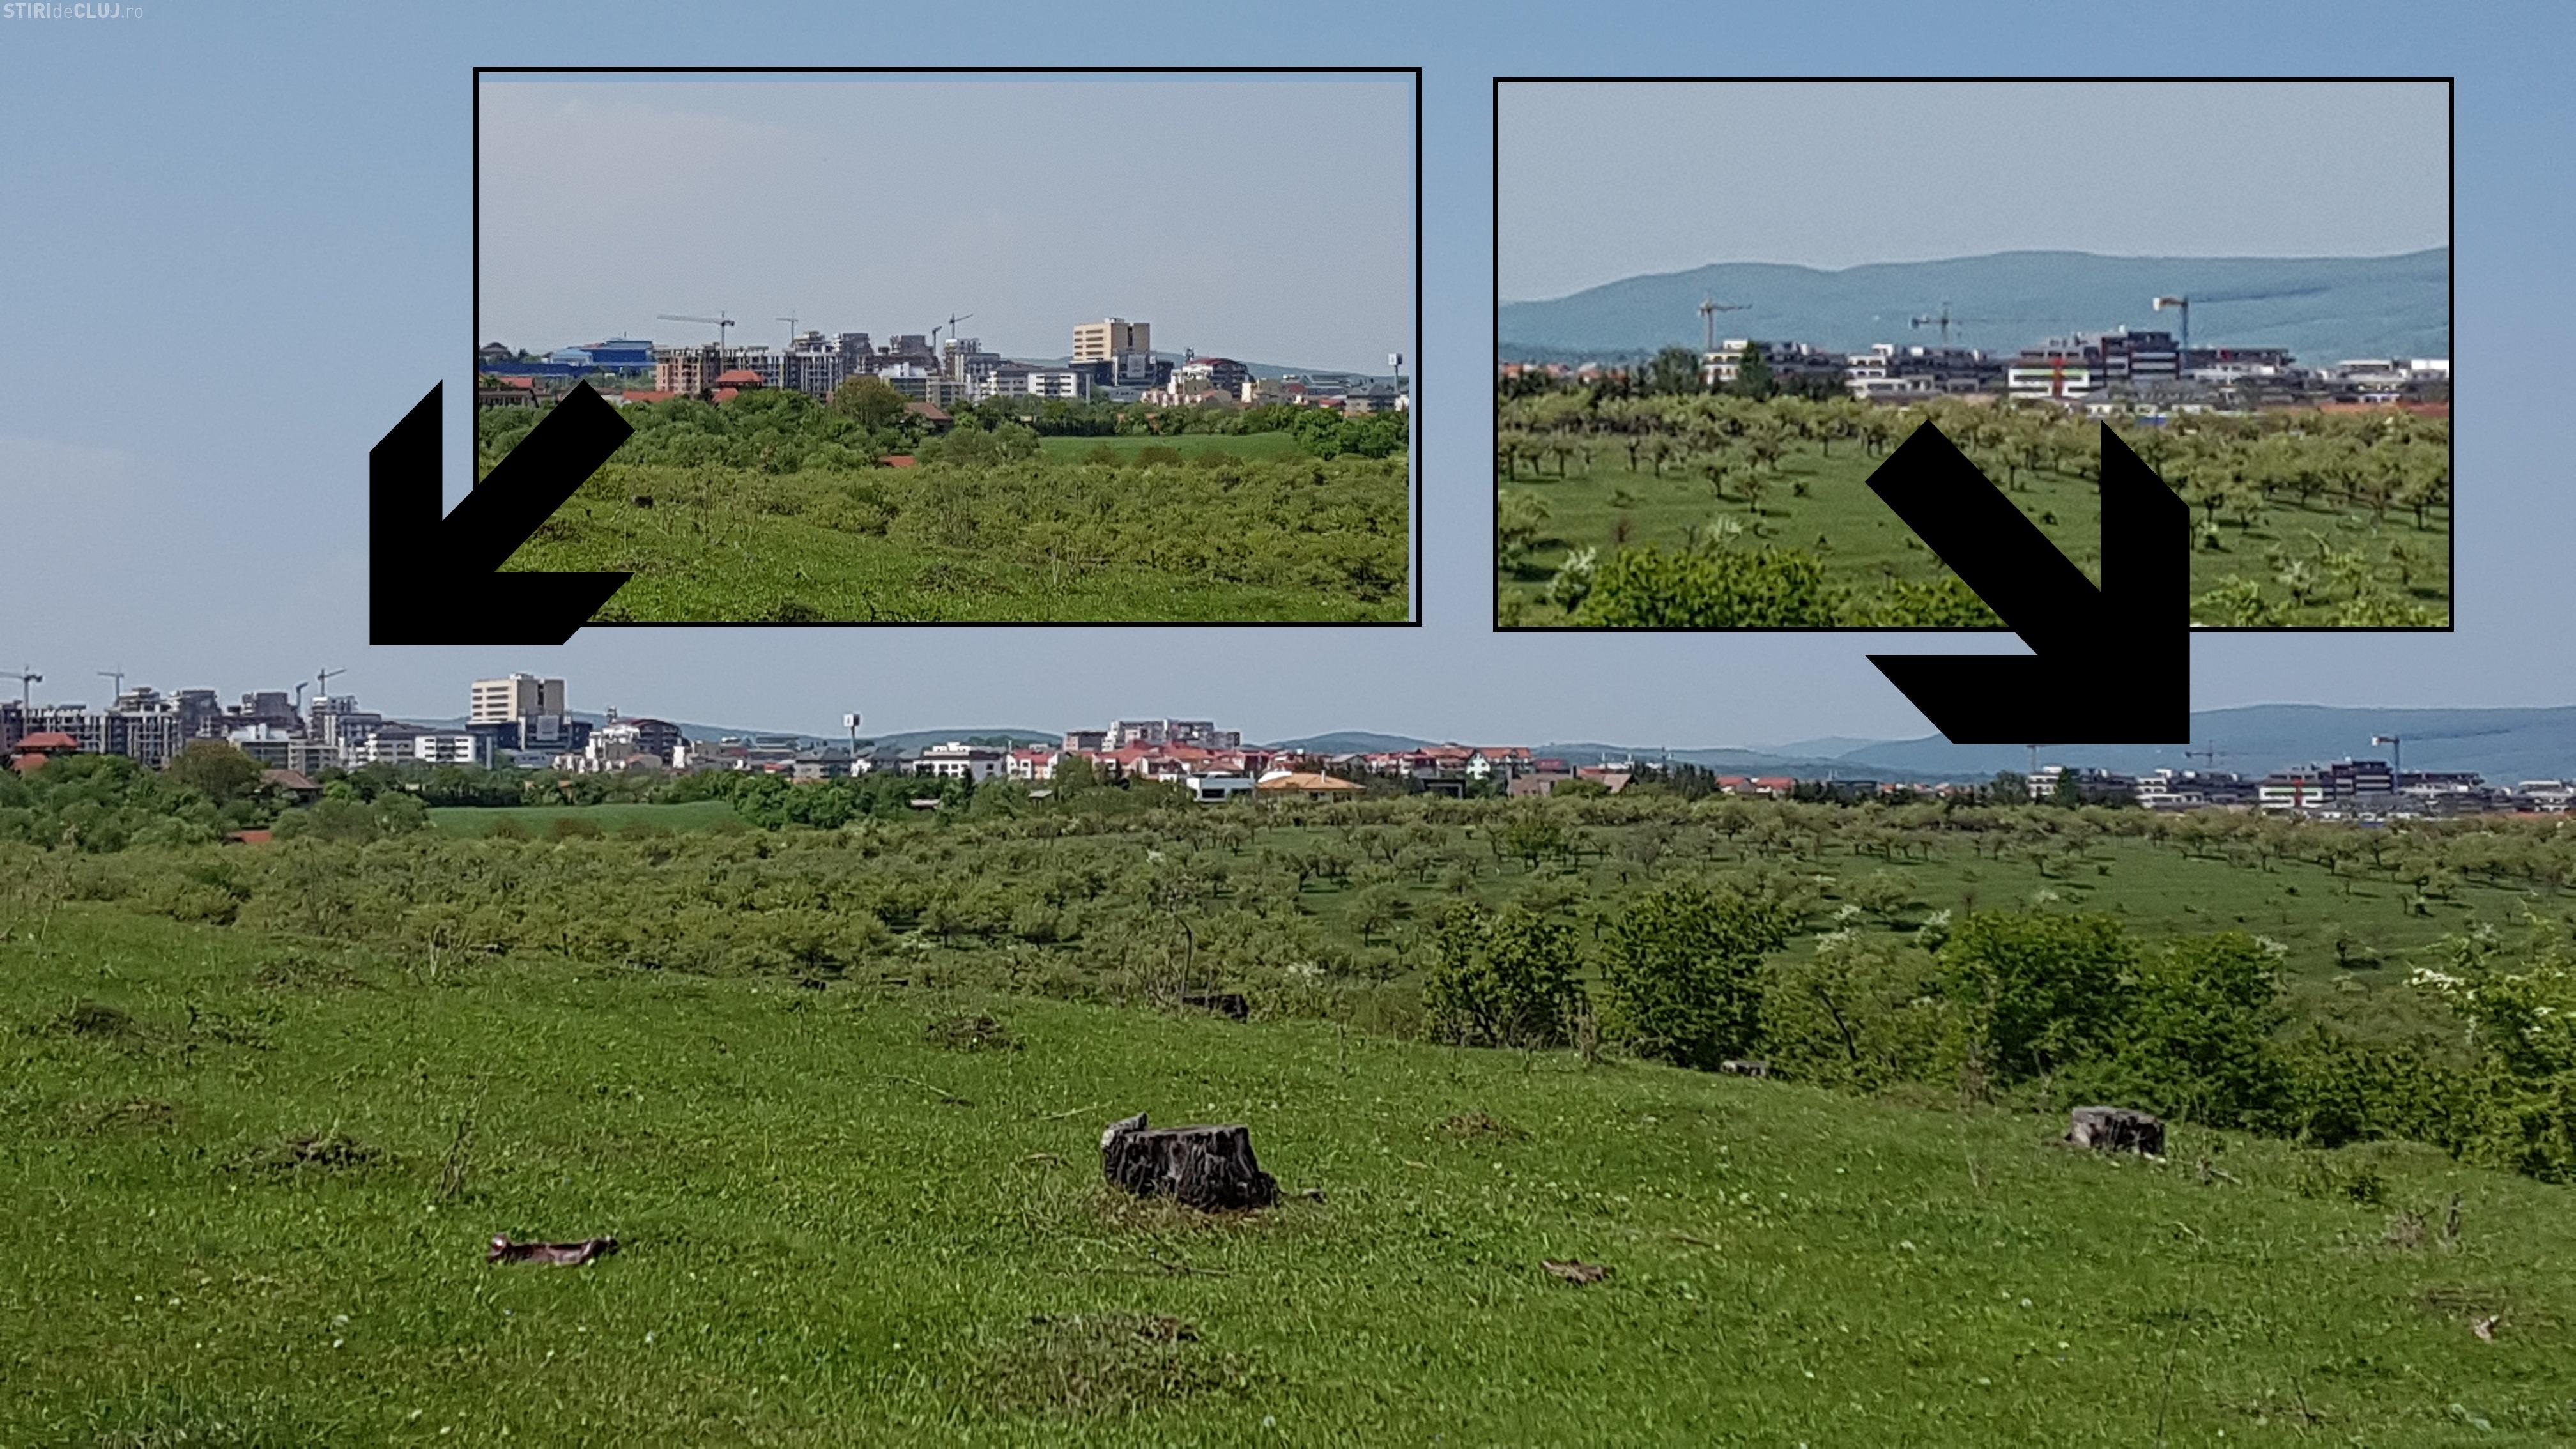 Traficul pe Calea Turzii va fi de coșmar. 6 turnuri apar în zonă - FOTO